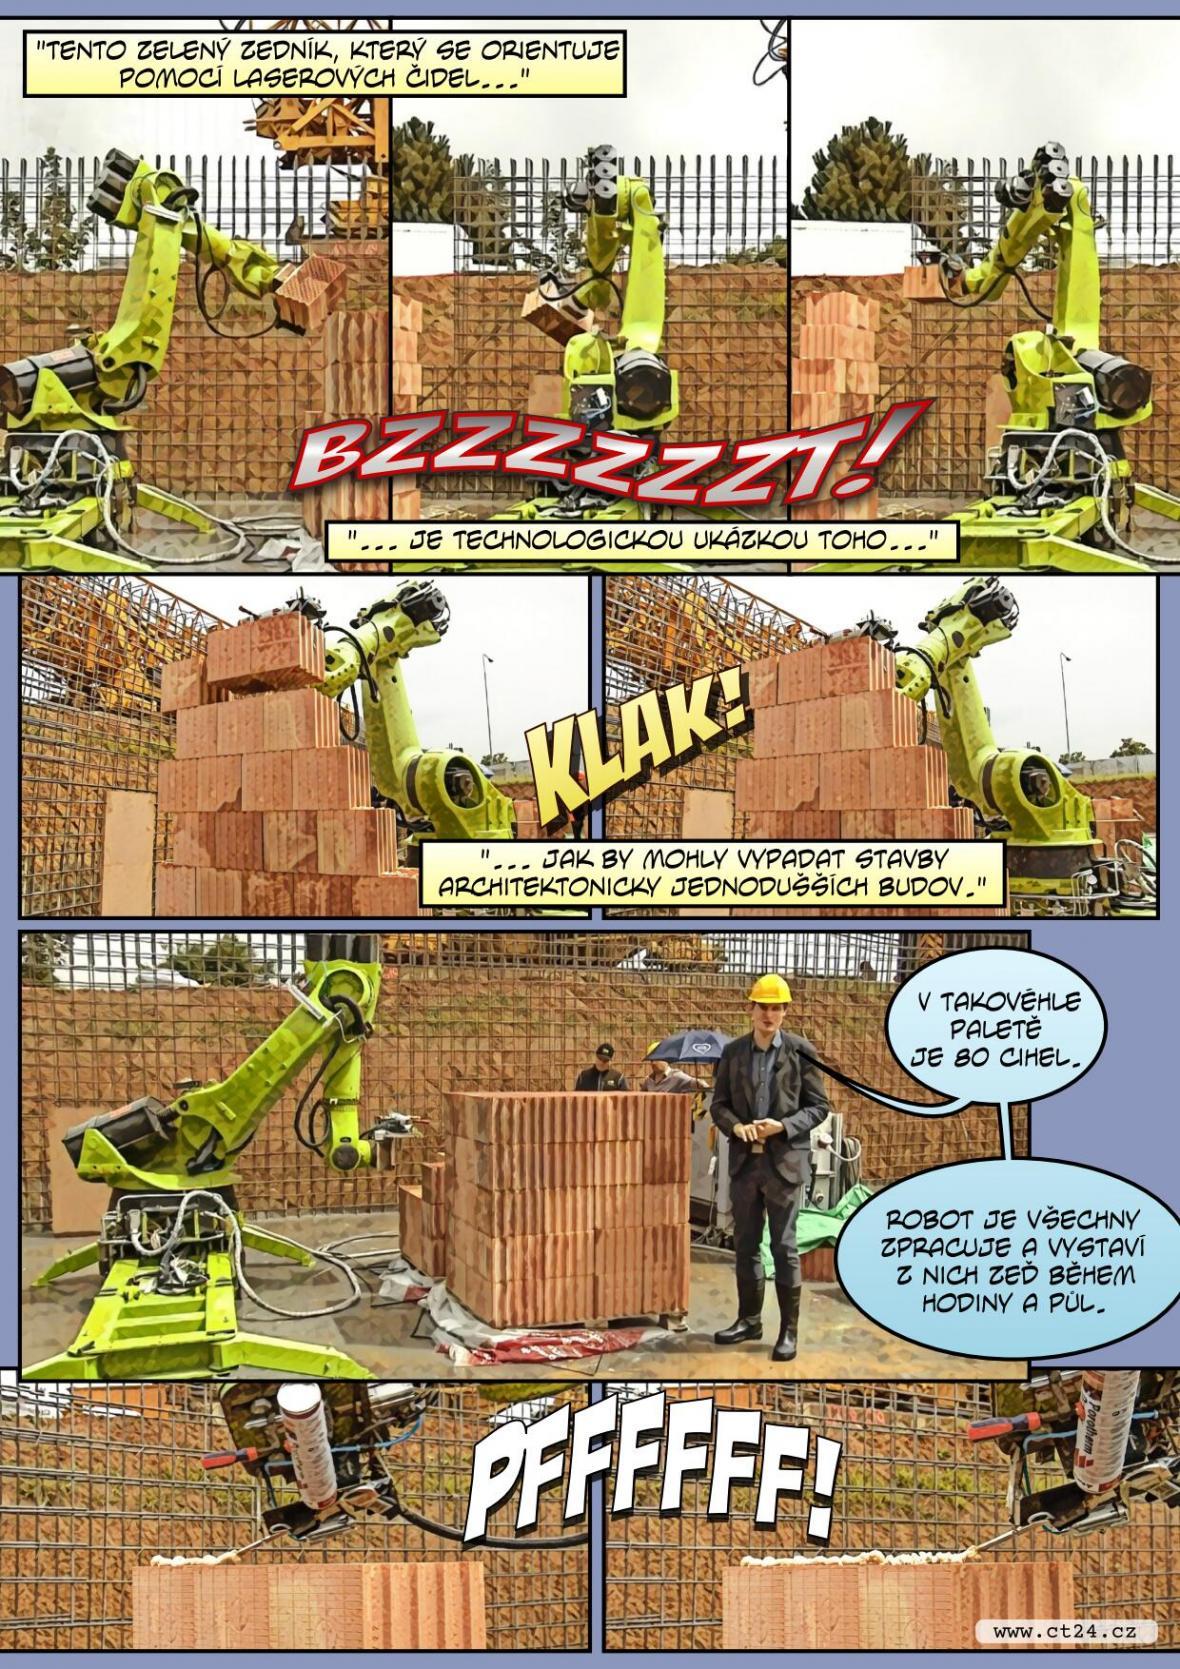 Stroj dělník. V Říčanech pomáhá při stavbě domů robot